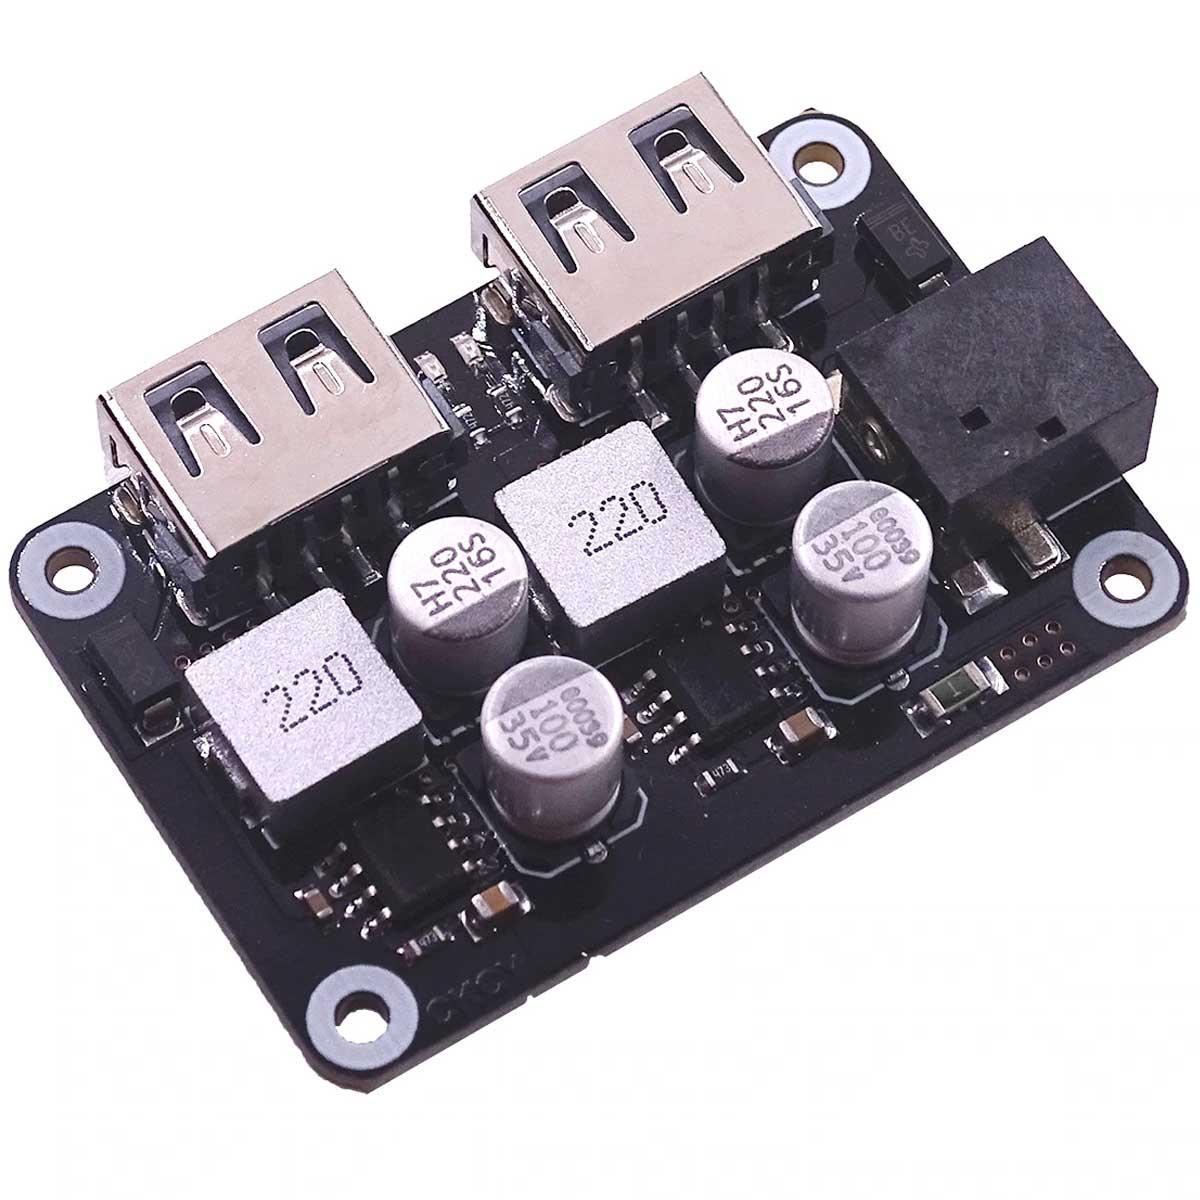 Módulo Gerenciamento Placa Solar p/ carregamento rápido de Celular com 2 Saída USB 5V 2.4A